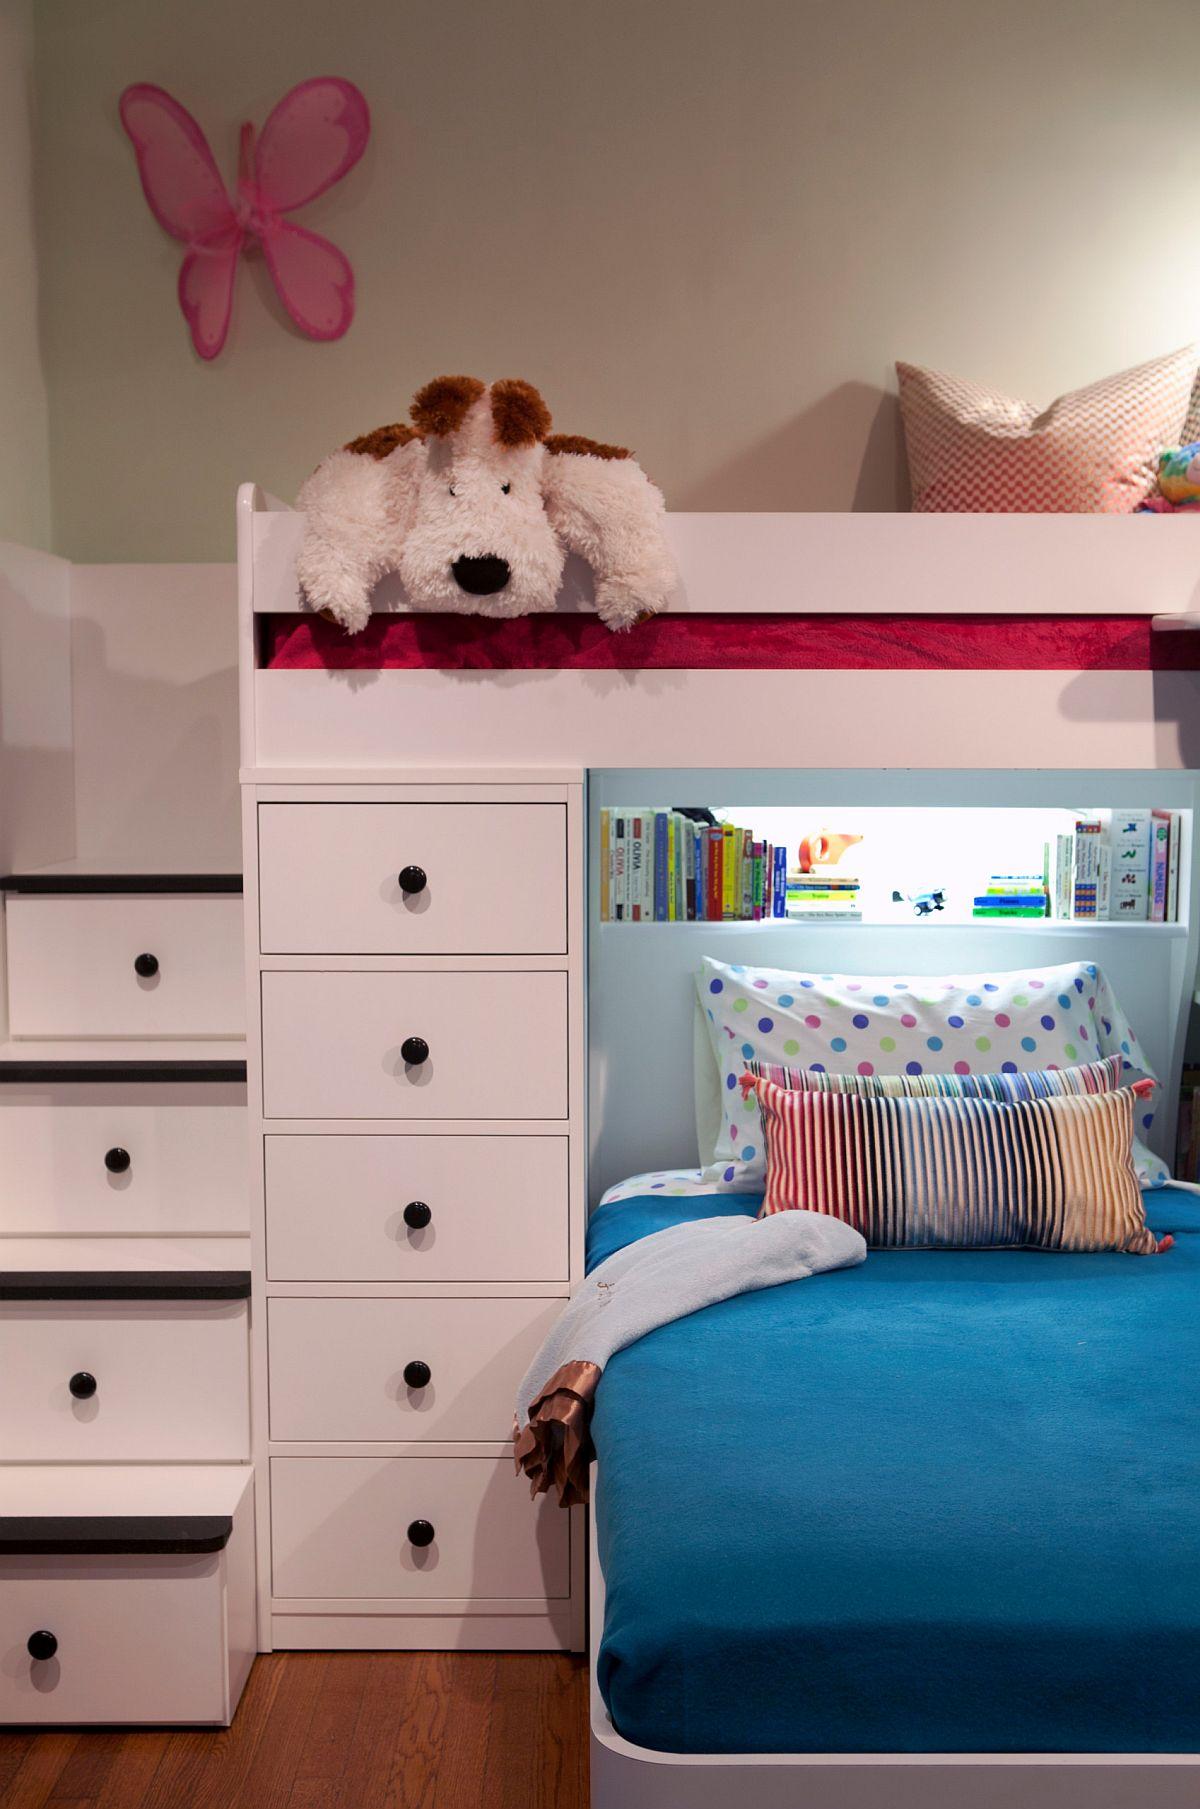 Phòng ngủ của bé, những xu hướng màu sắc và phong cách thời thượng của năm 2021 - Ảnh 12.